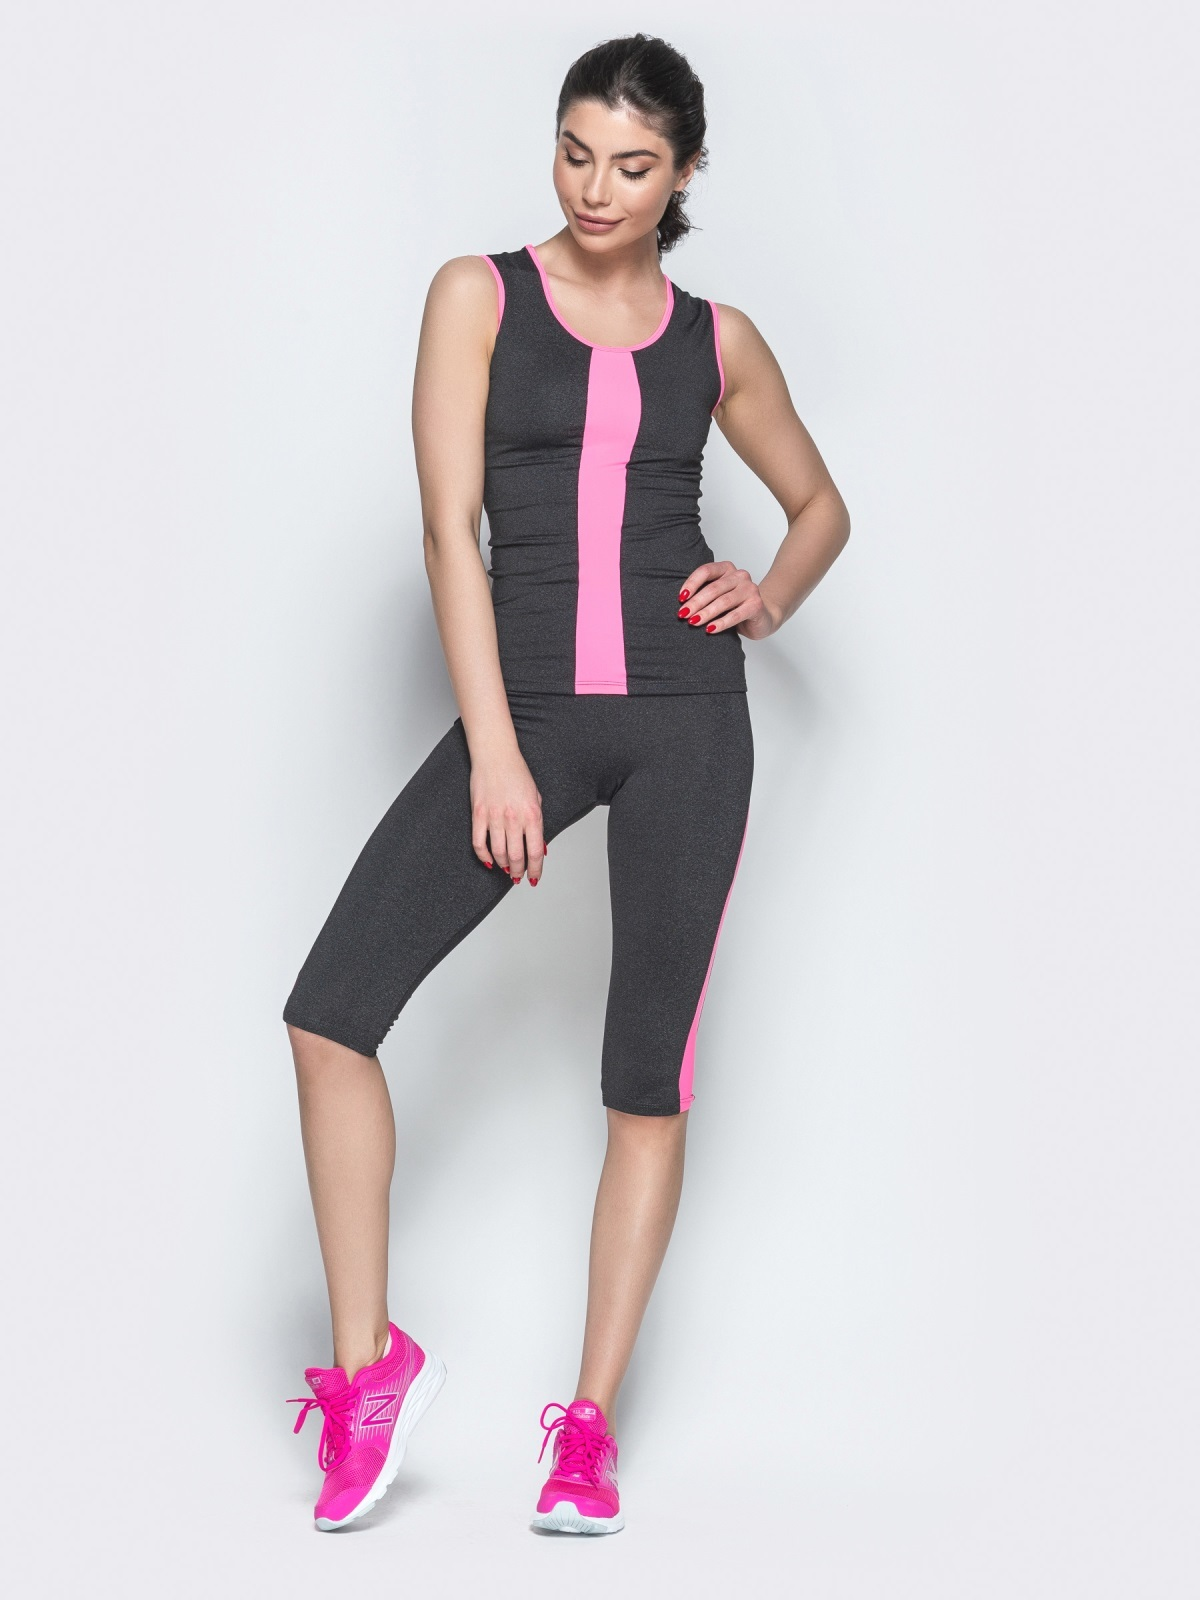 Комплект для фитнеса из майки и бридж с розовыми вставками - 38775, фото 1 – интернет-магазин Dressa